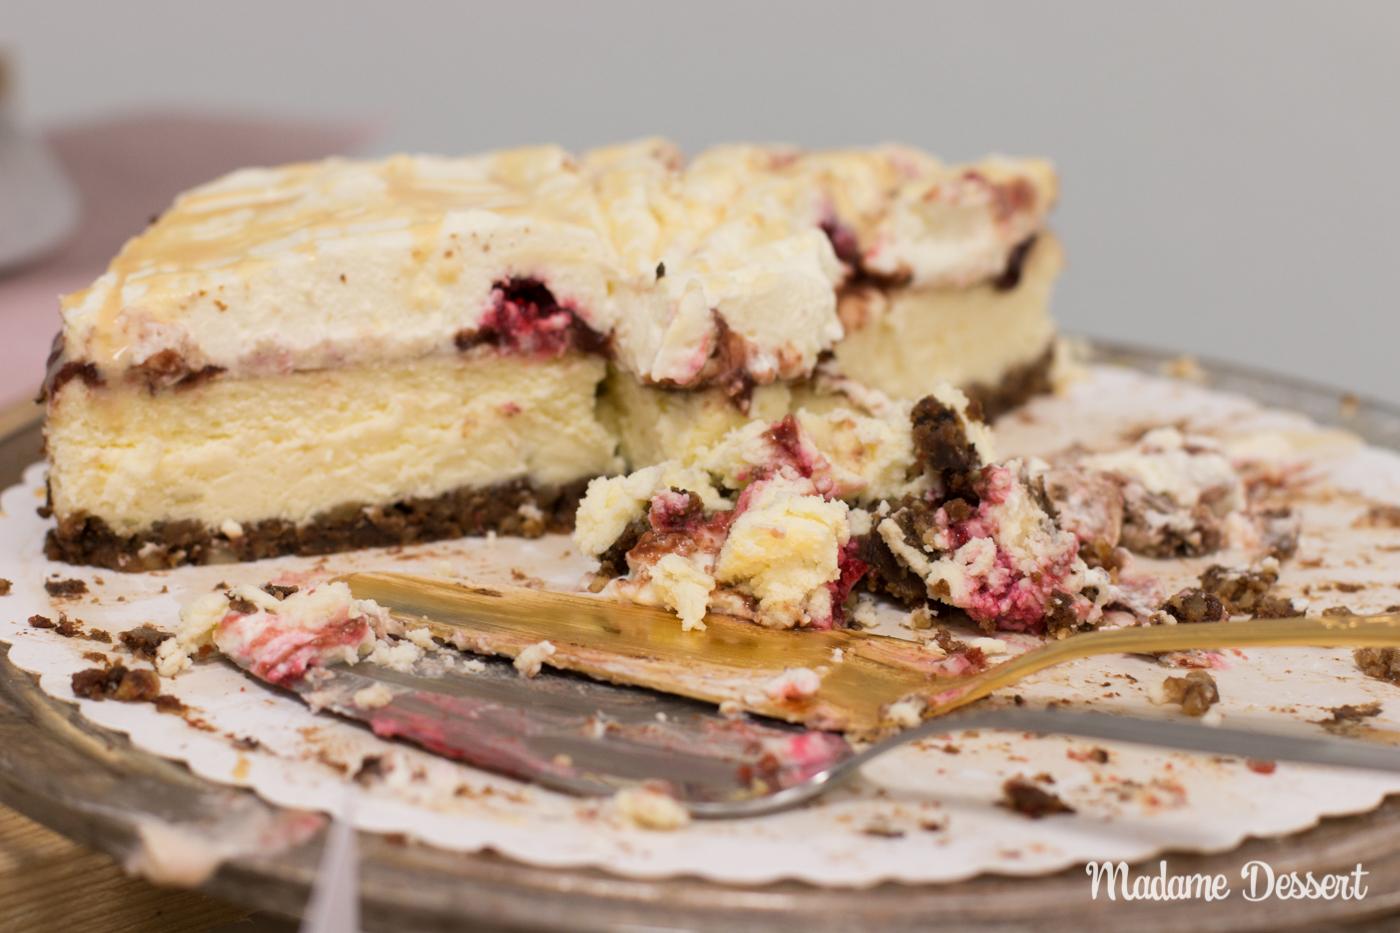 CheeseCakeOff – Käsekuchen & Cheesecake Variationen | Tarta de queso con dulce de leche | Madame Dessert